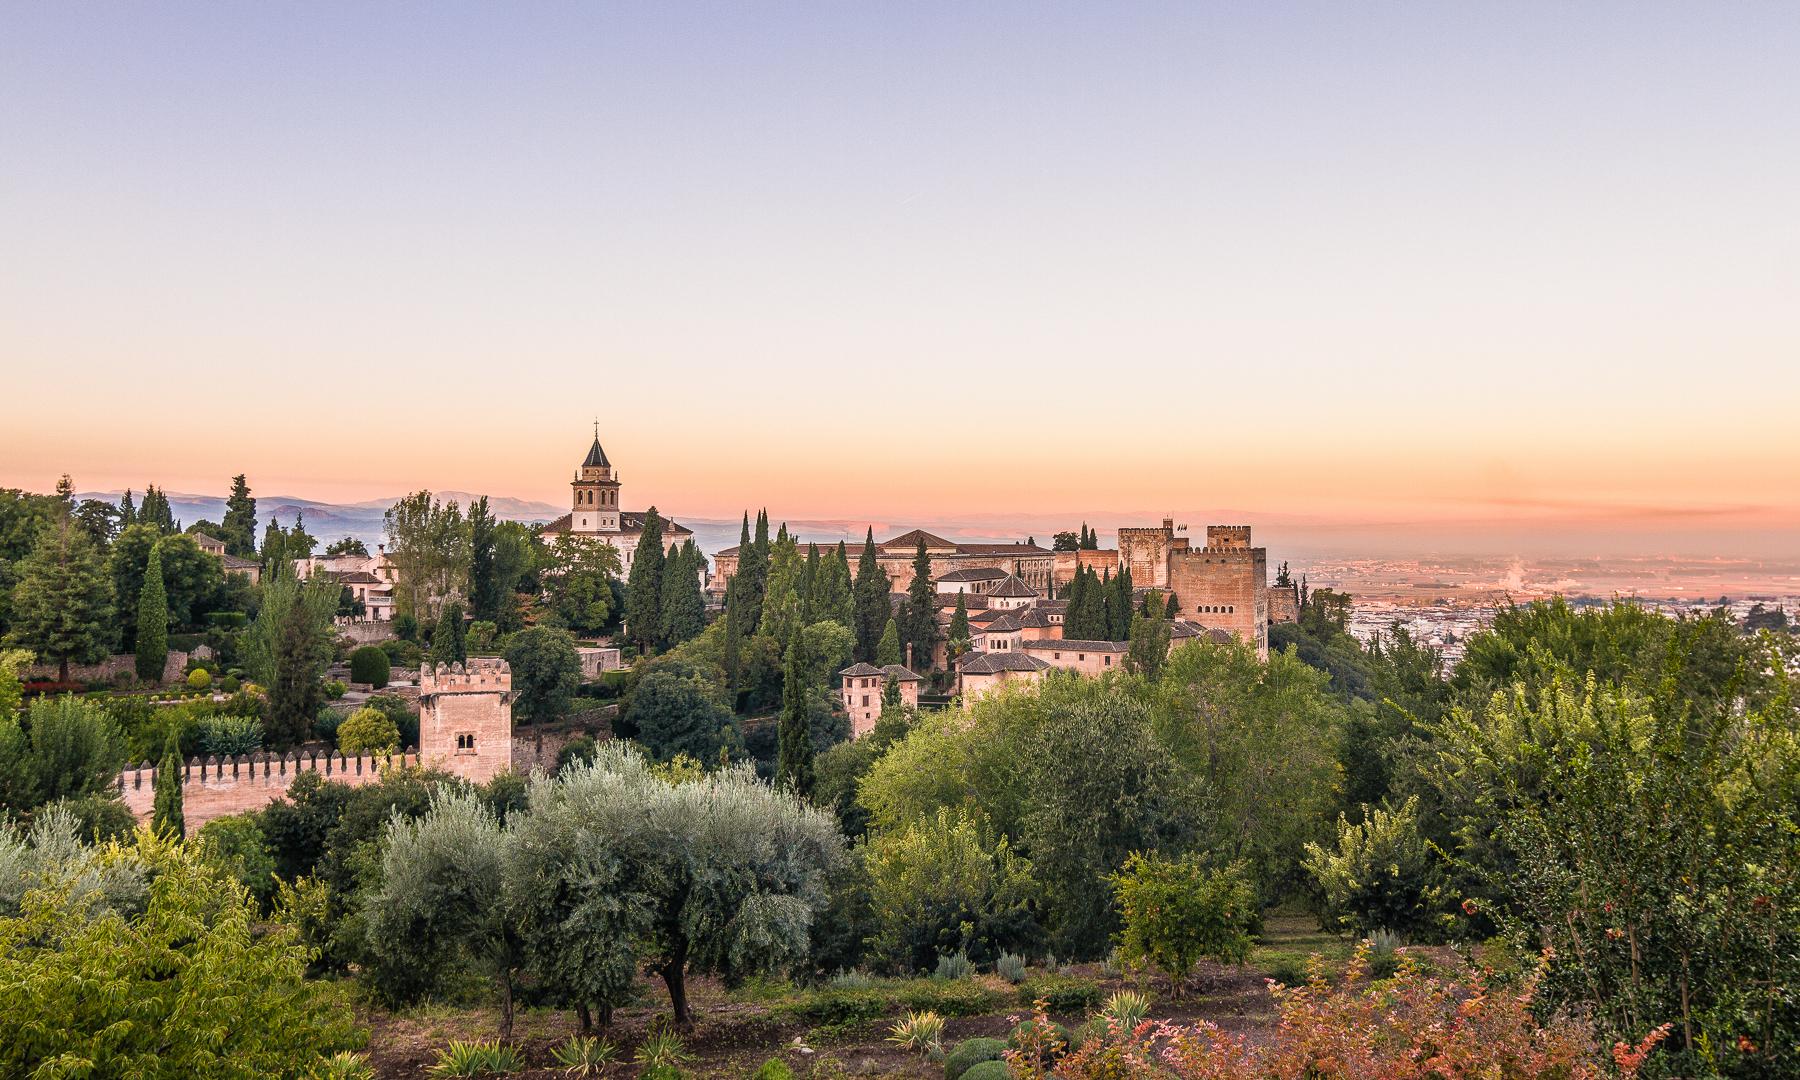 Vista Panorámica de la Alhambra desde el Generalife, Granada, España.